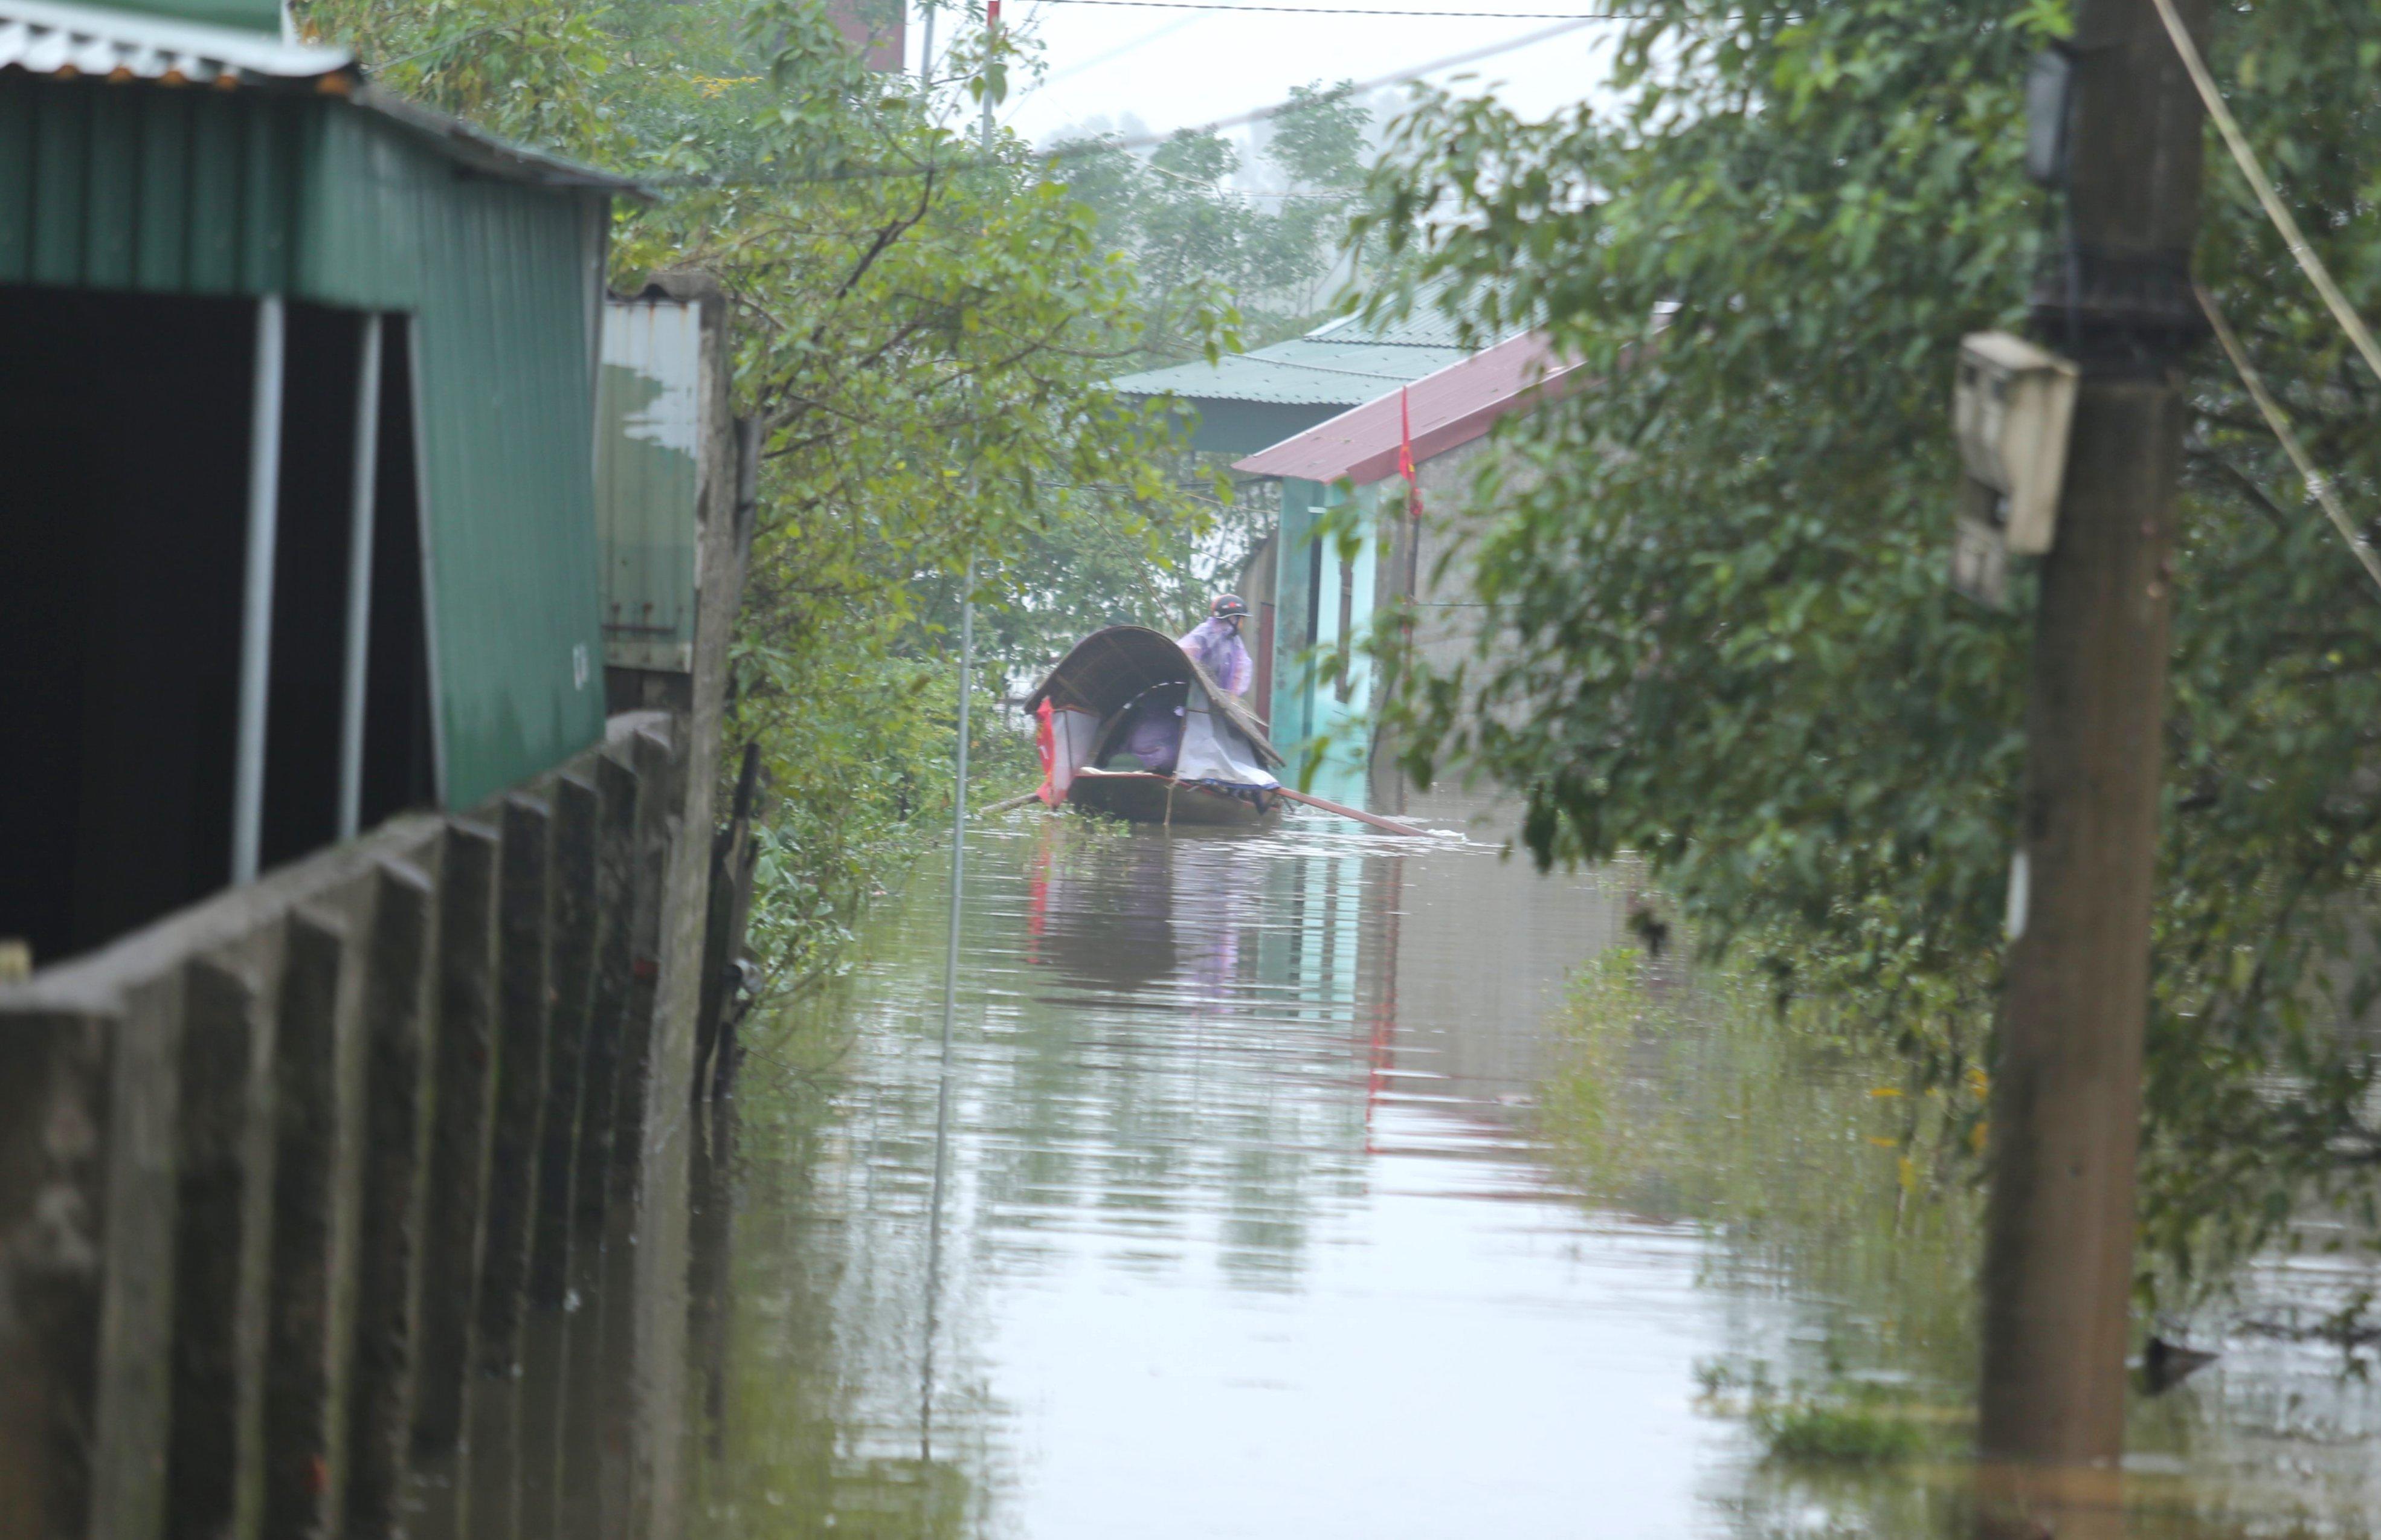 Nghệ An: Người dân ven sông phải lên đê dựng lều cho trâu bò trú ẩn - Ảnh 6.